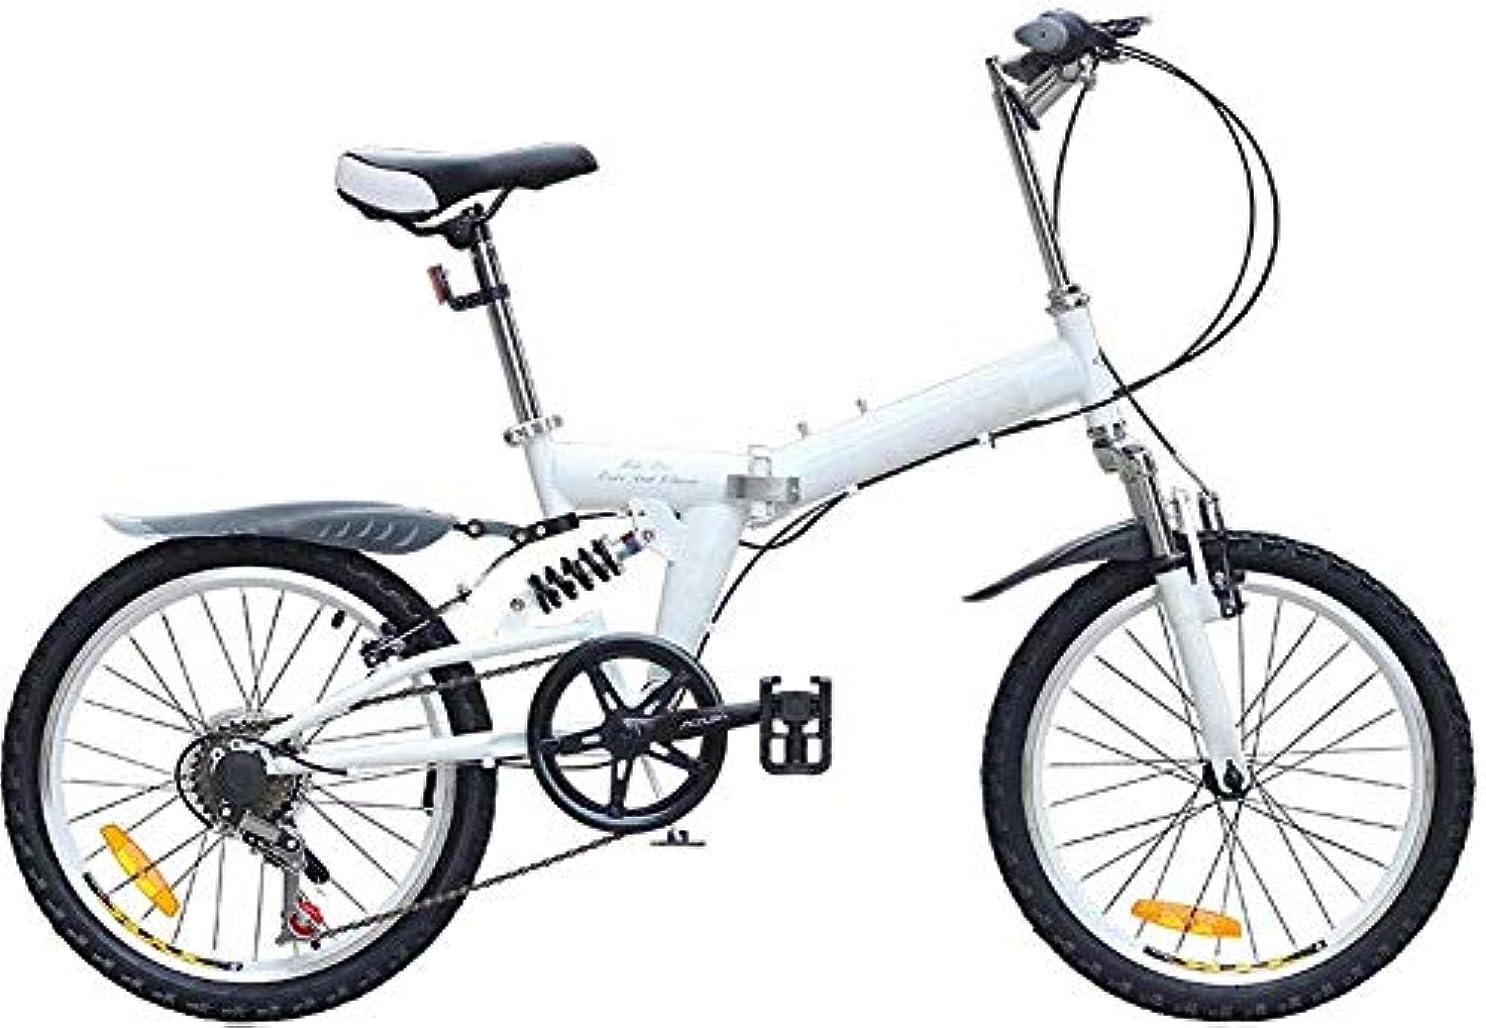 シンボルコンバーチブルアリーナWXQ-XQ 20インチ折りたたみ自転車スピード折りたたみマウンテンバイクダブルVブレーキシステムフロントとリアショックシフト自転車